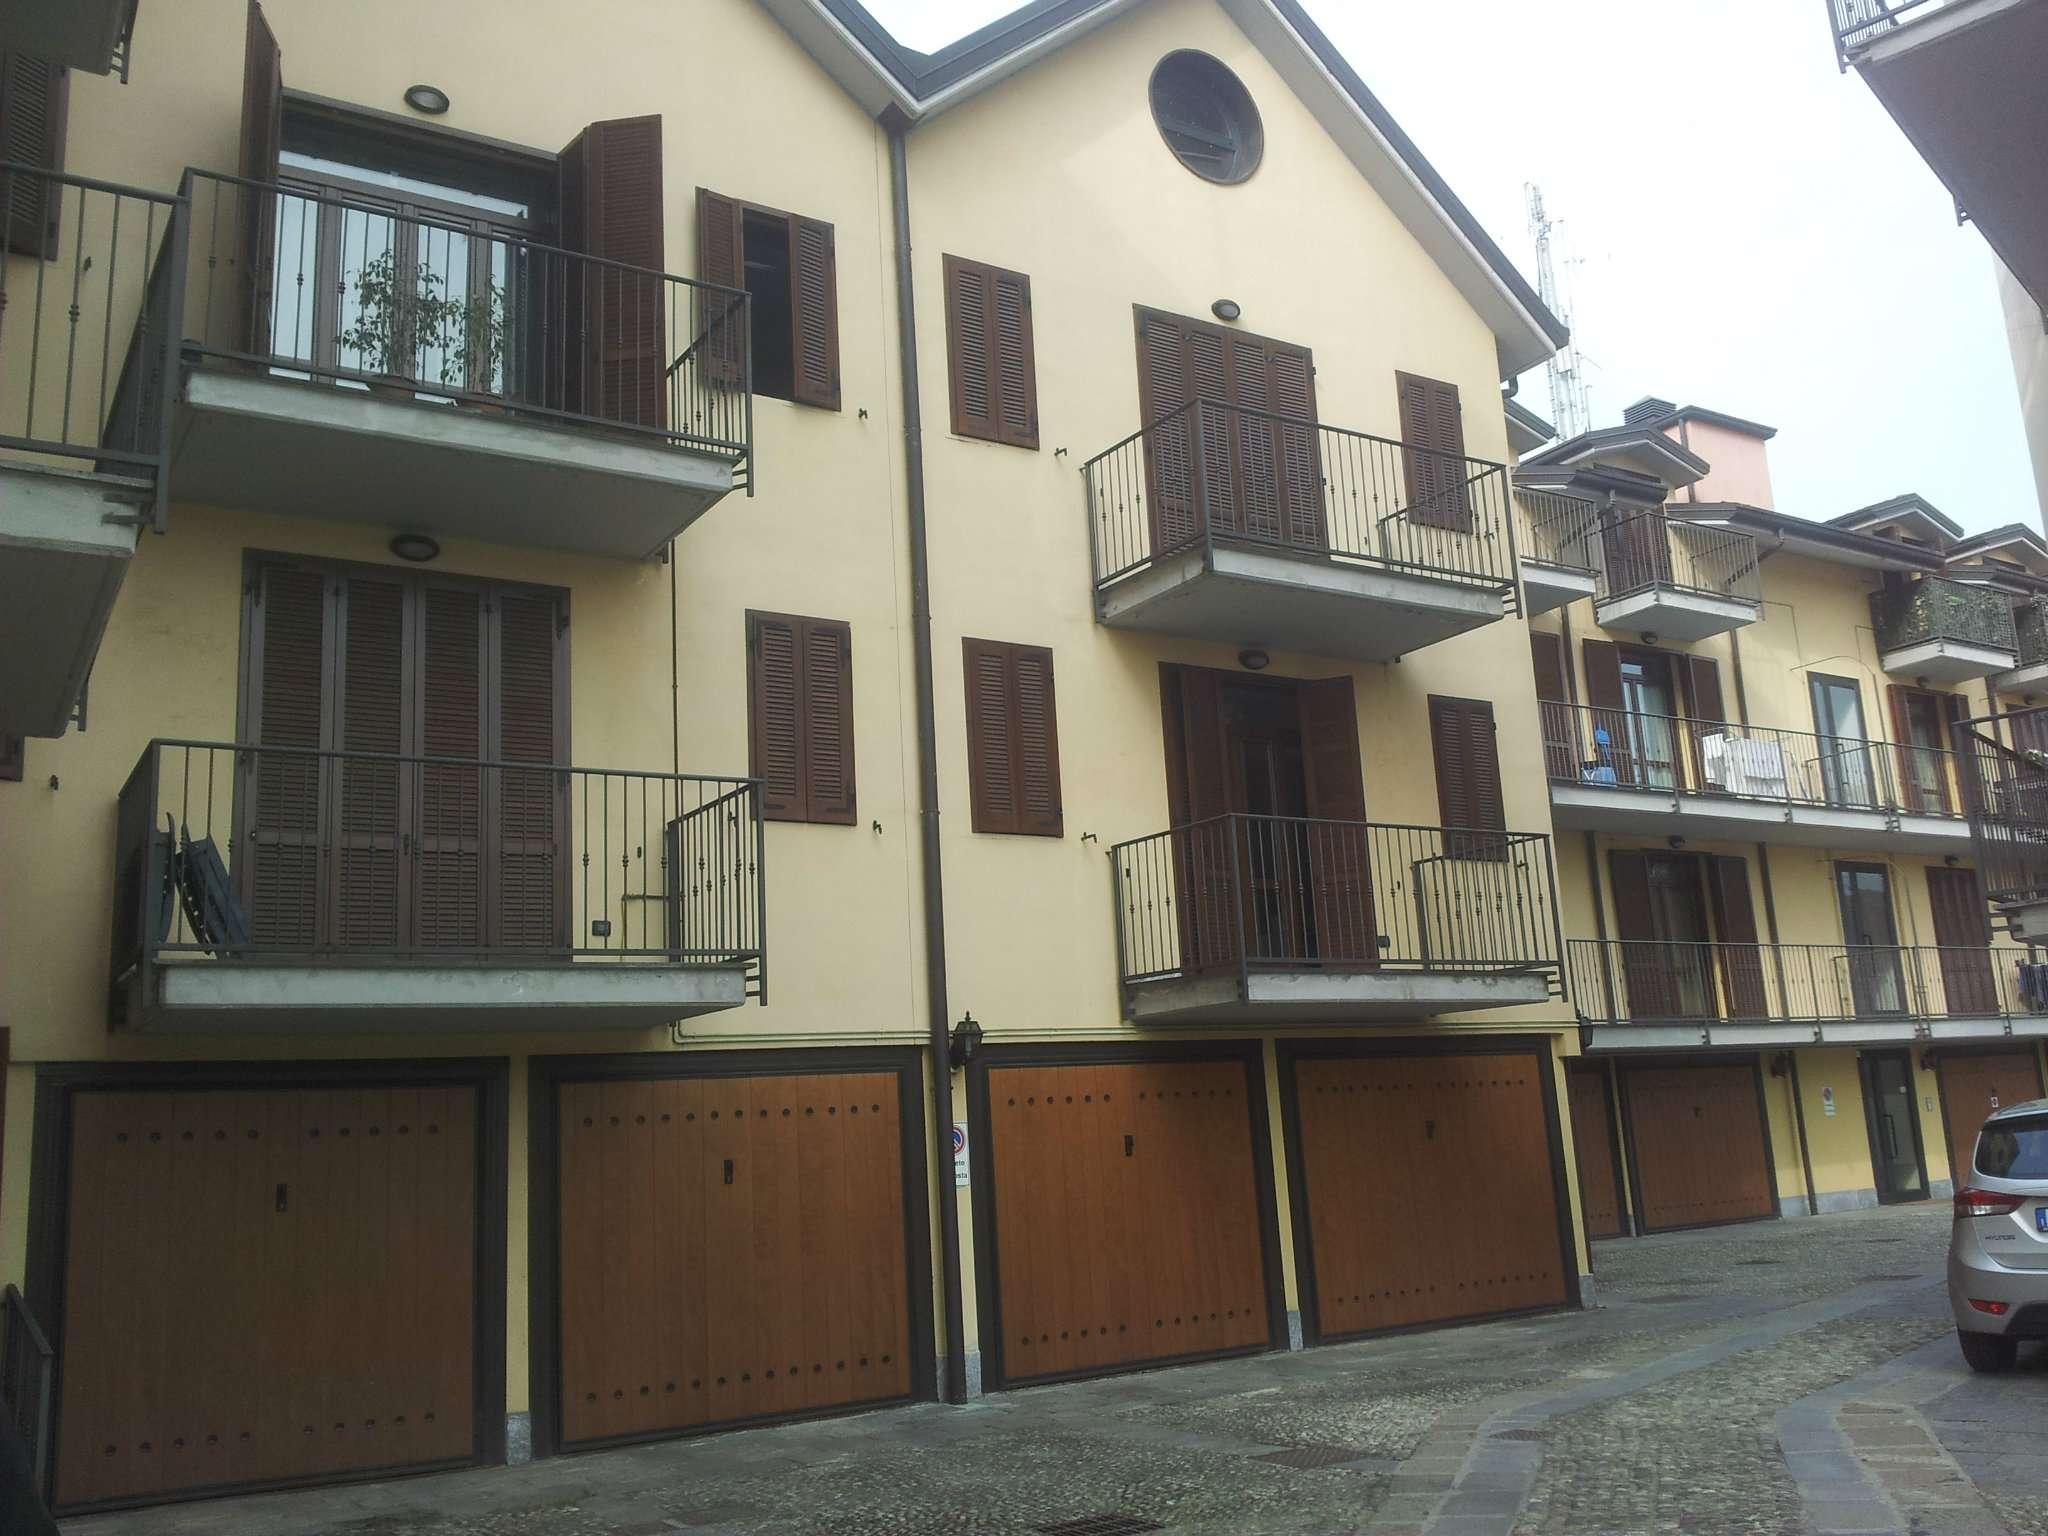 Appartamento in affitto a Lodi, 2 locali, prezzo € 500 | CambioCasa.it